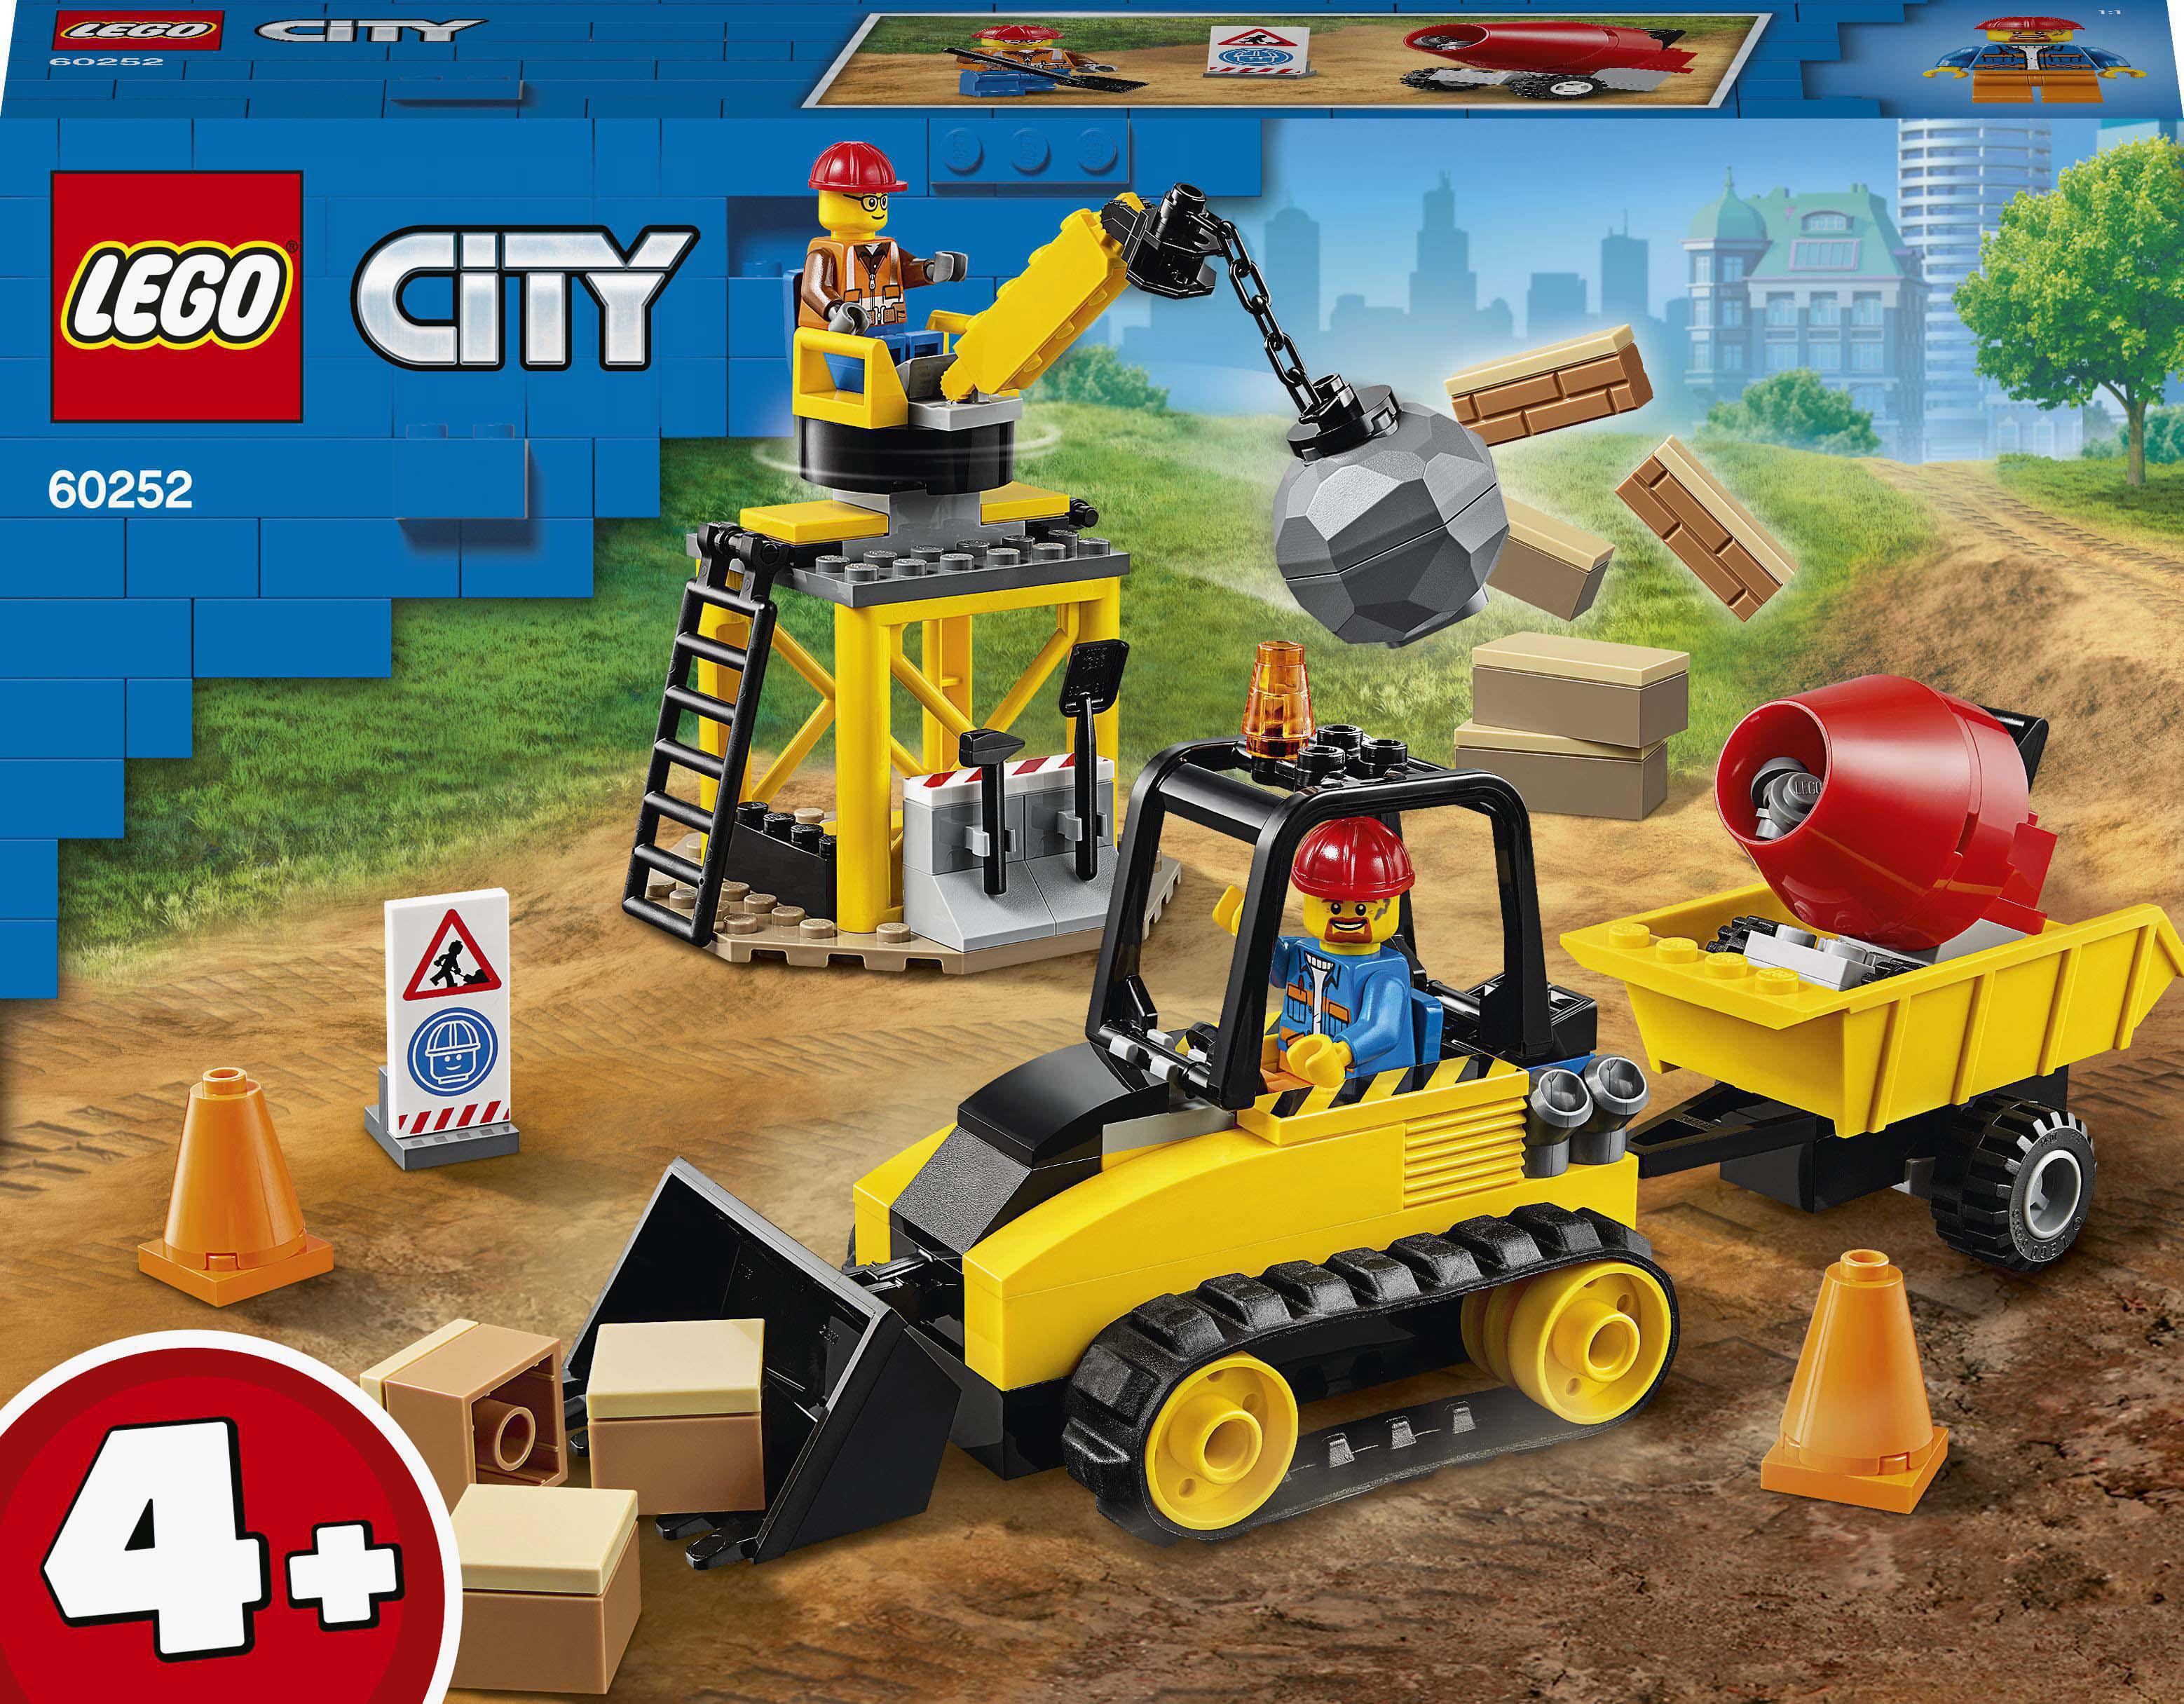 Конструктор LEGO City Строительный бульдозер (60252)